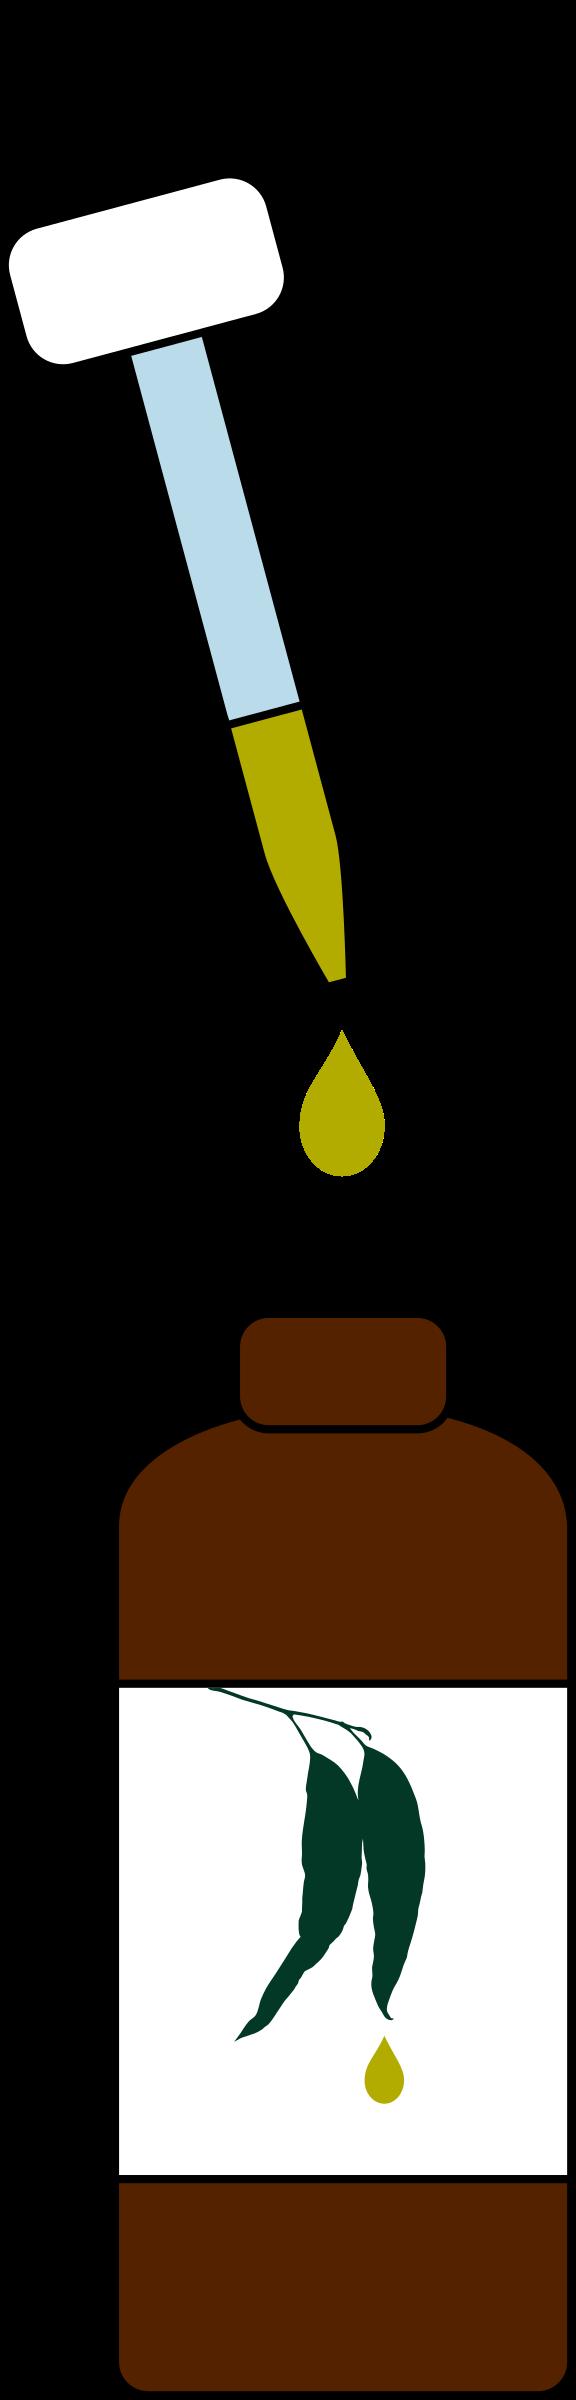 Medicinal clipart liquid medicine Eucalyptus (PNG) IMAGE BIG oil